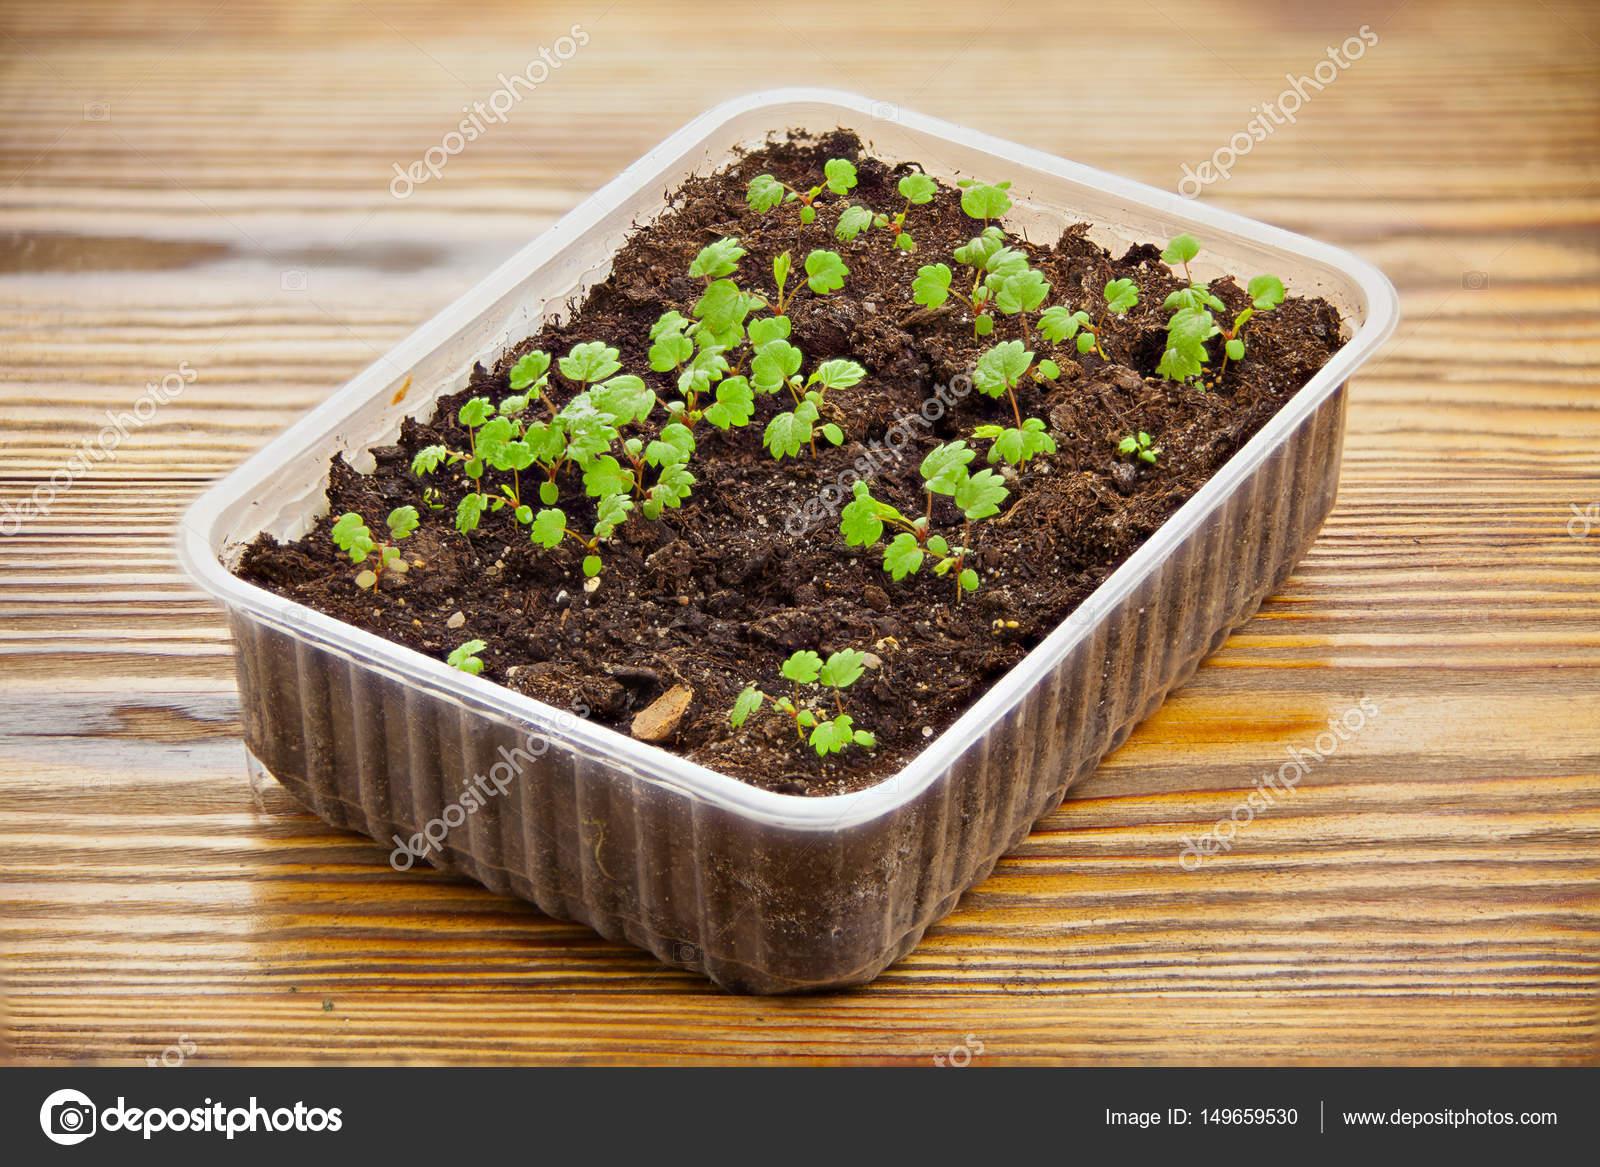 Когда, и как правильно сажать клубнику, чтобы получить хороший урожай?